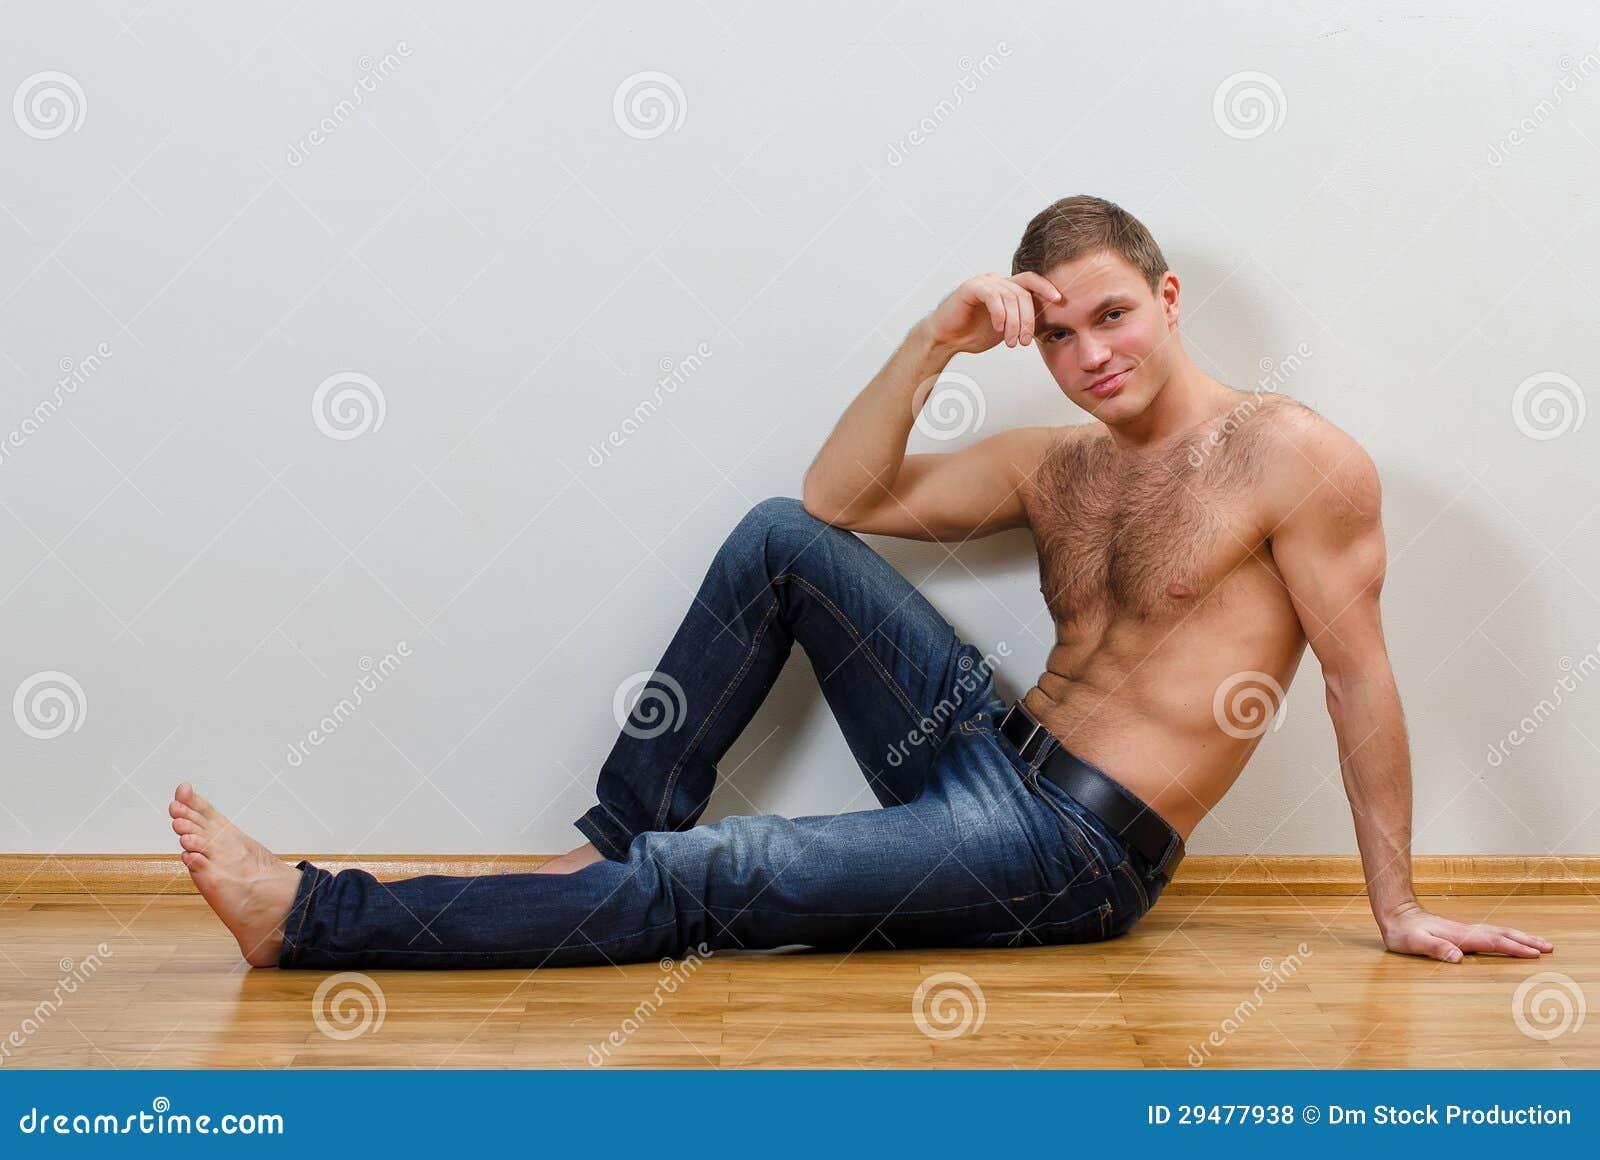 posmotret-erotiku-onlayn-bez-dostupov